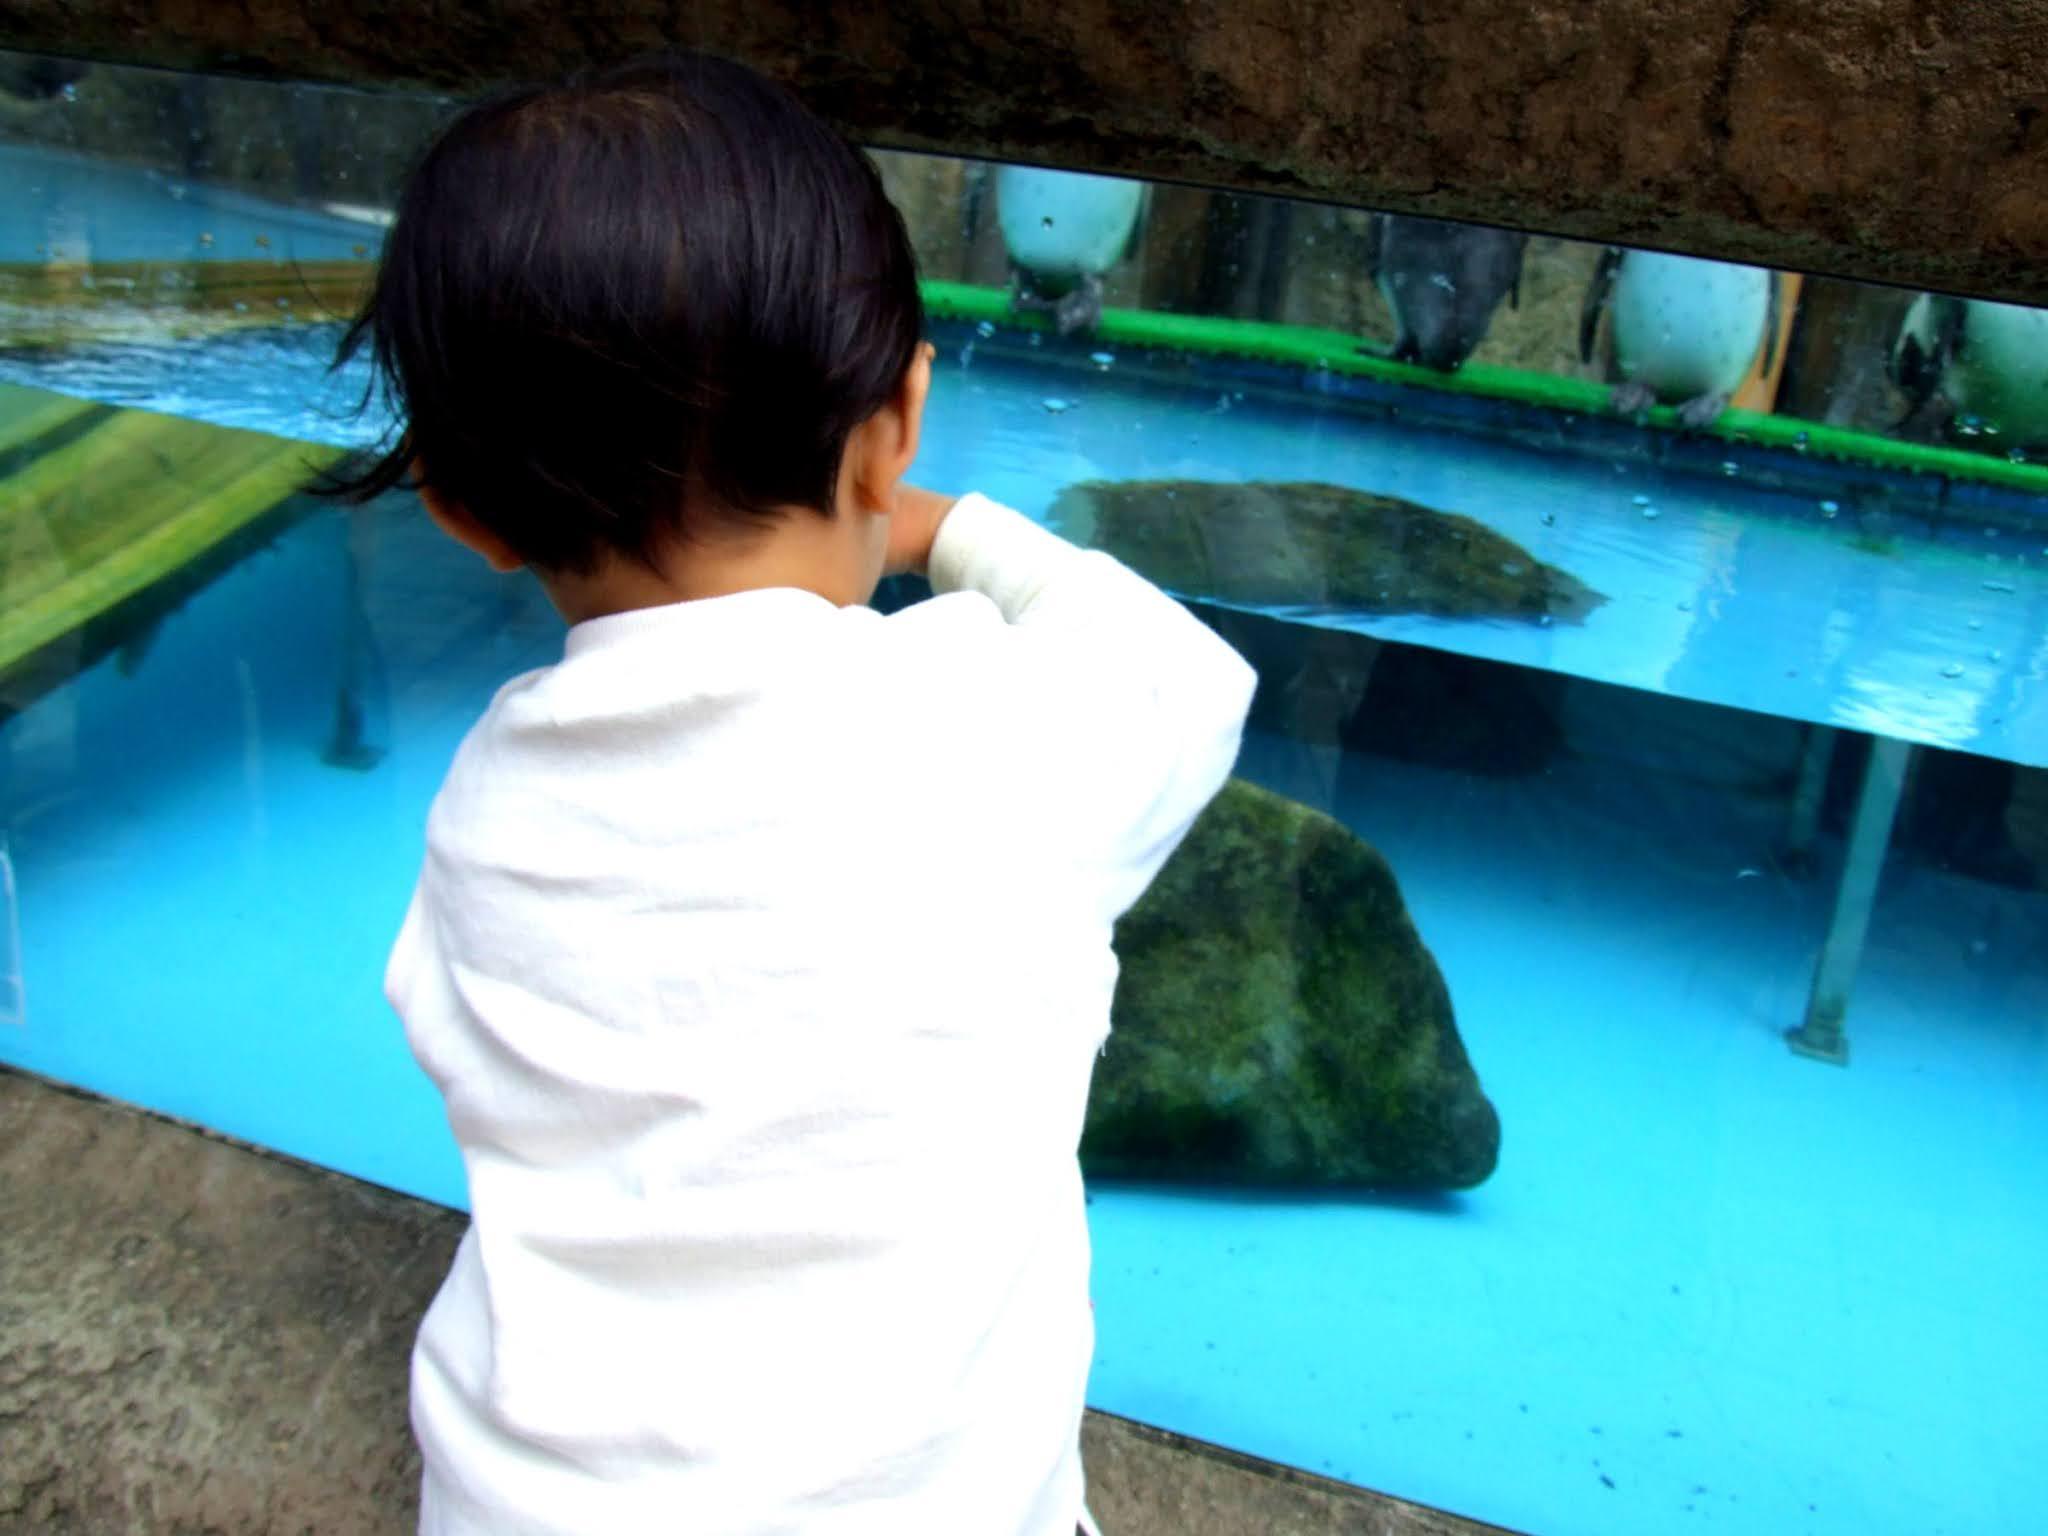 ペンギンの水槽を覗き込む可愛い小さな子どもの後ろ姿の写真素材です。